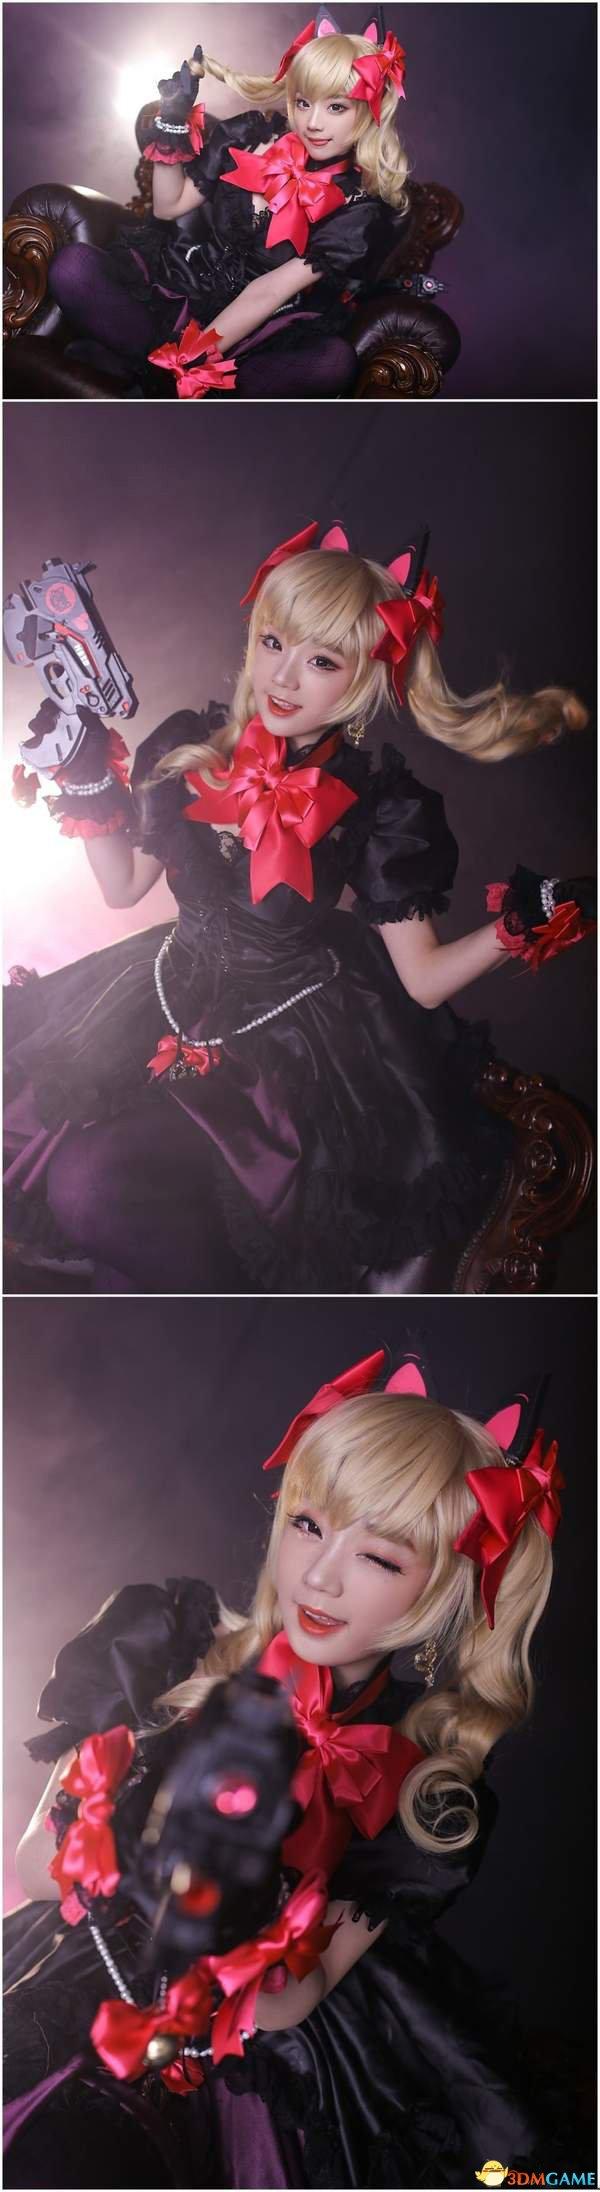 美女Cos《守望先锋》黑猫D.va 肤白貌美身材火辣